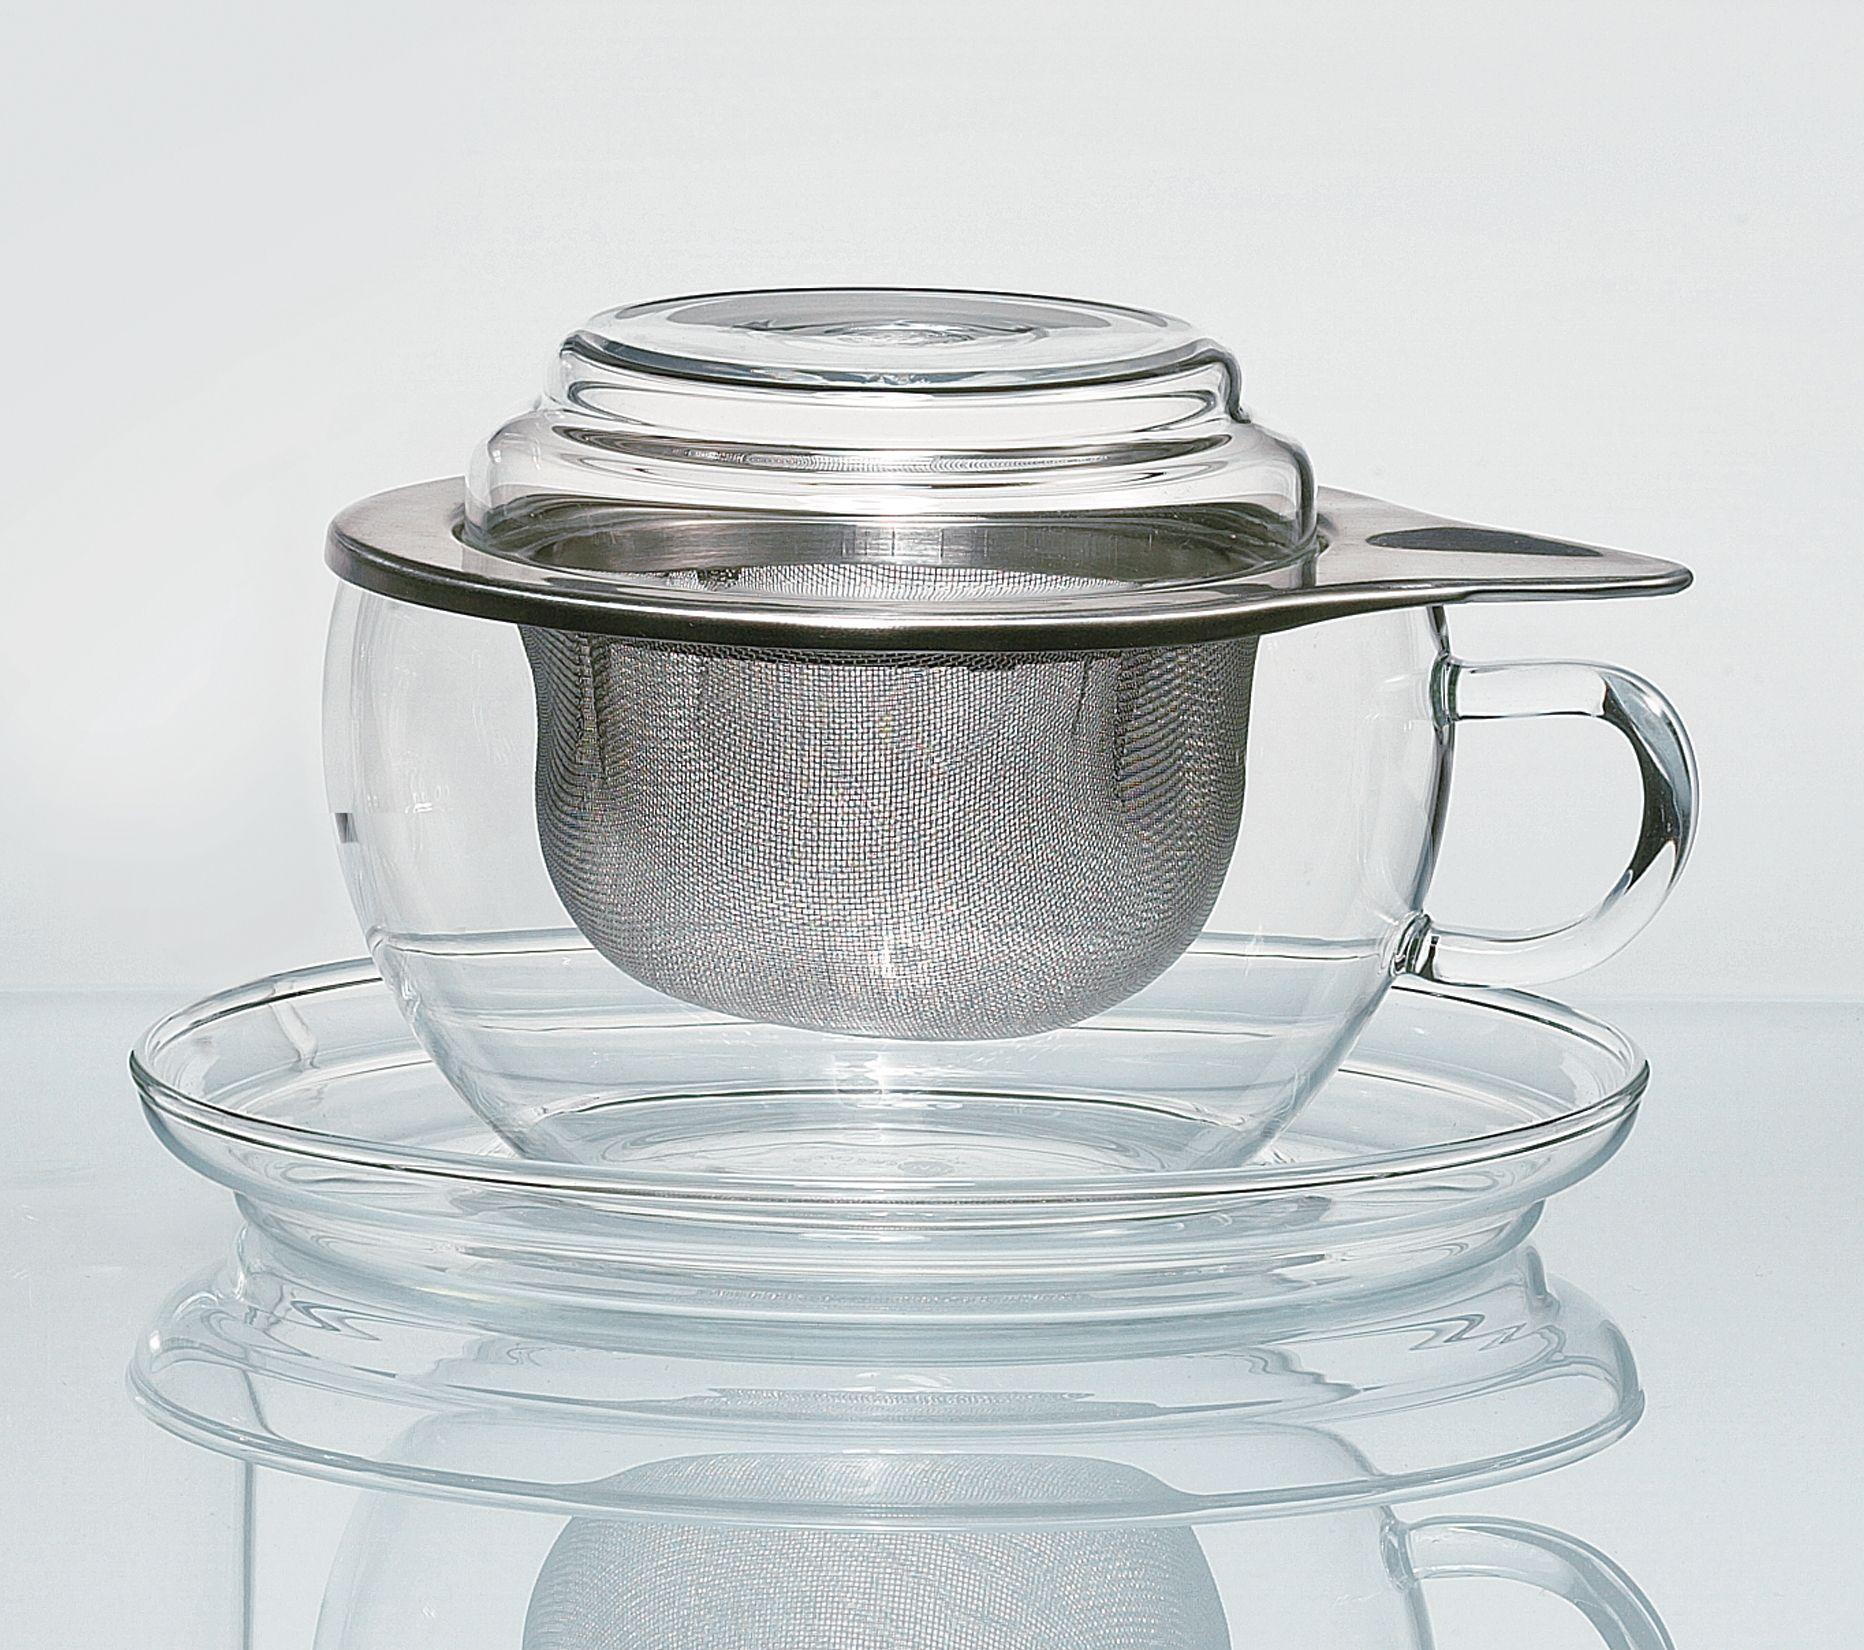 Teetasse Mit Sieb teetasse mit deckel und sieb günstig kaufen einfach